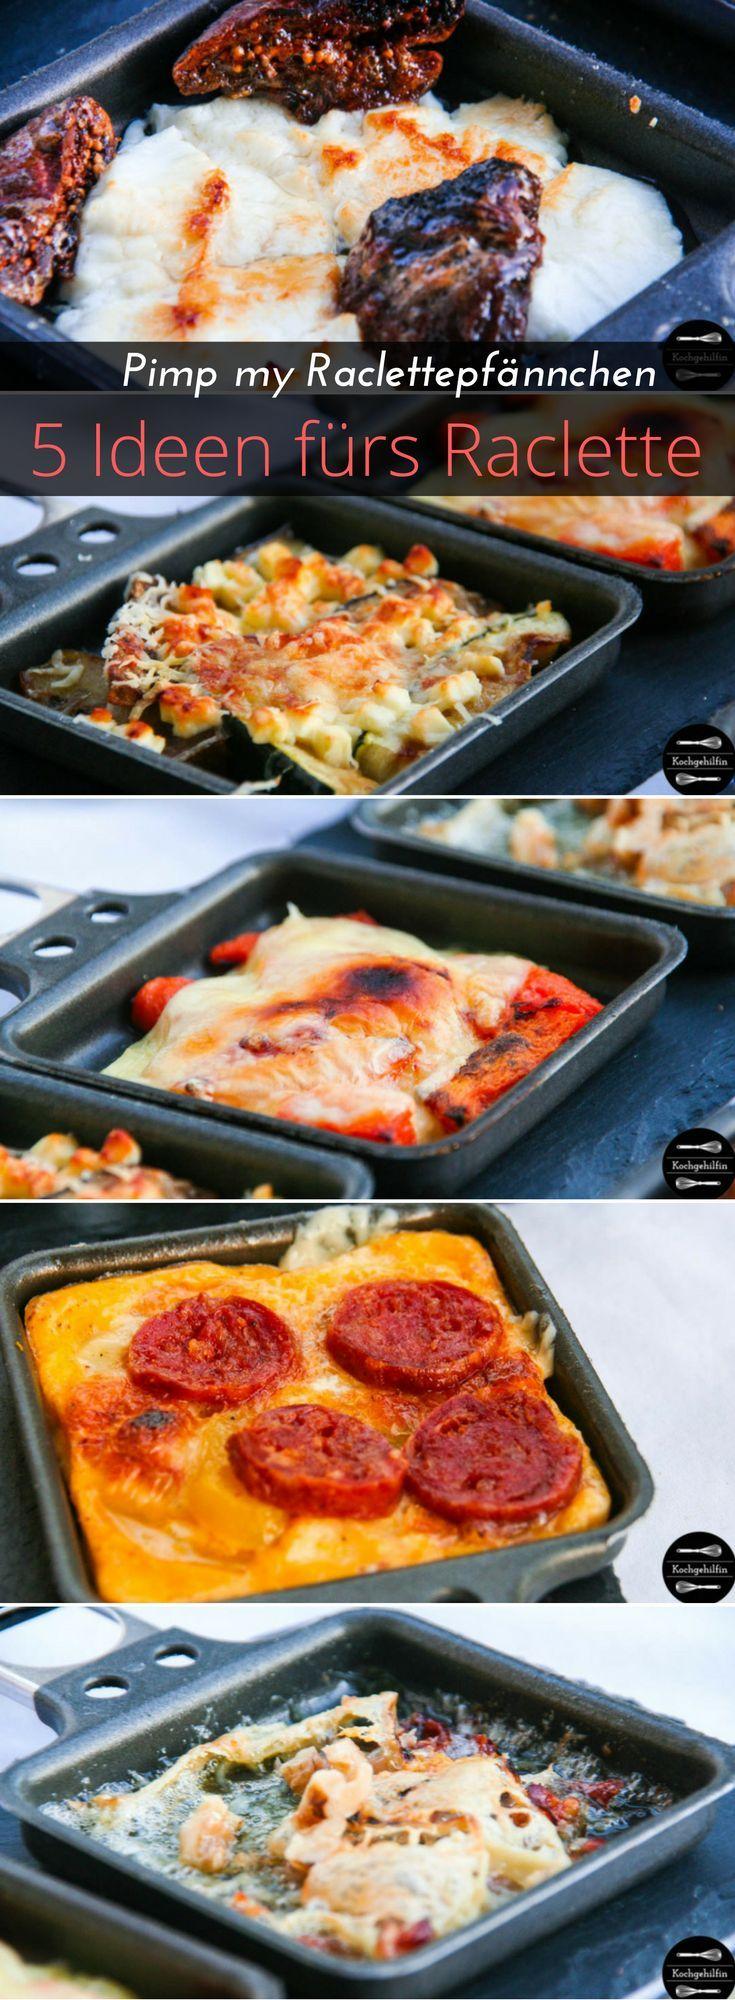 5 Ideen fürs Raclette mit Chorizo, Feigen, Kürbis, Zucchini oder Walnüssen.